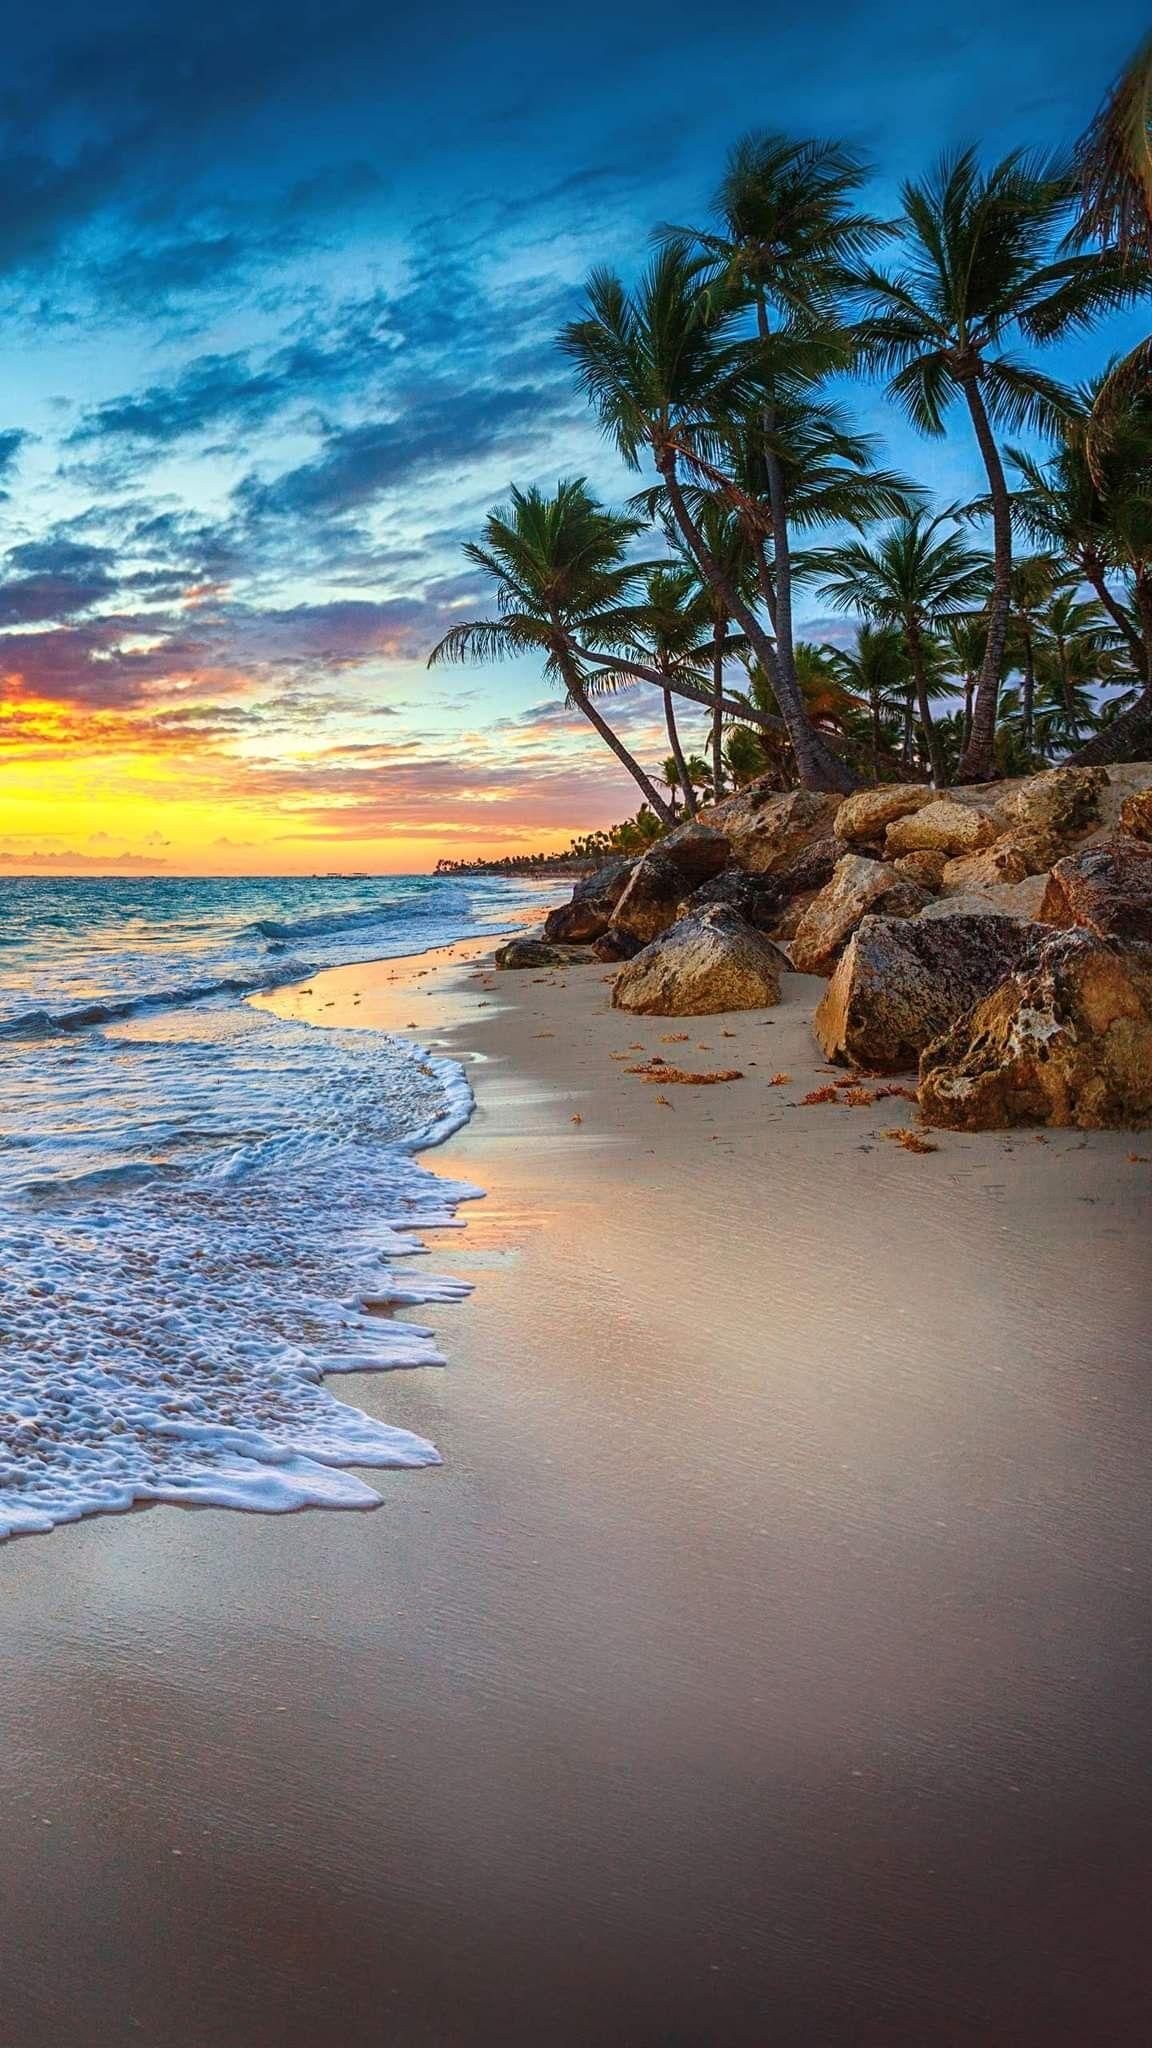 sunset beach natural world beauty